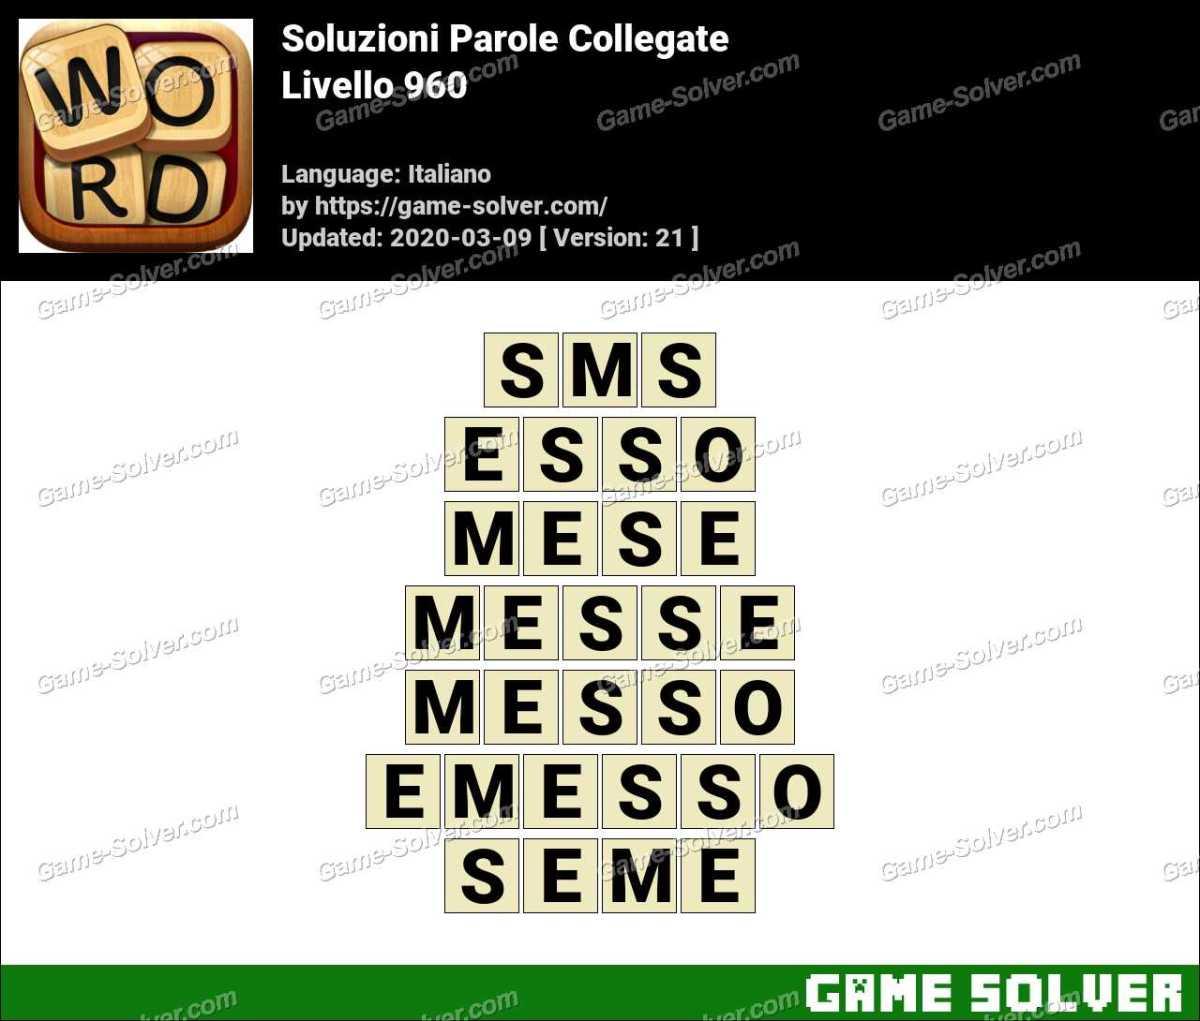 Soluzioni Parole Collegate Livello 960